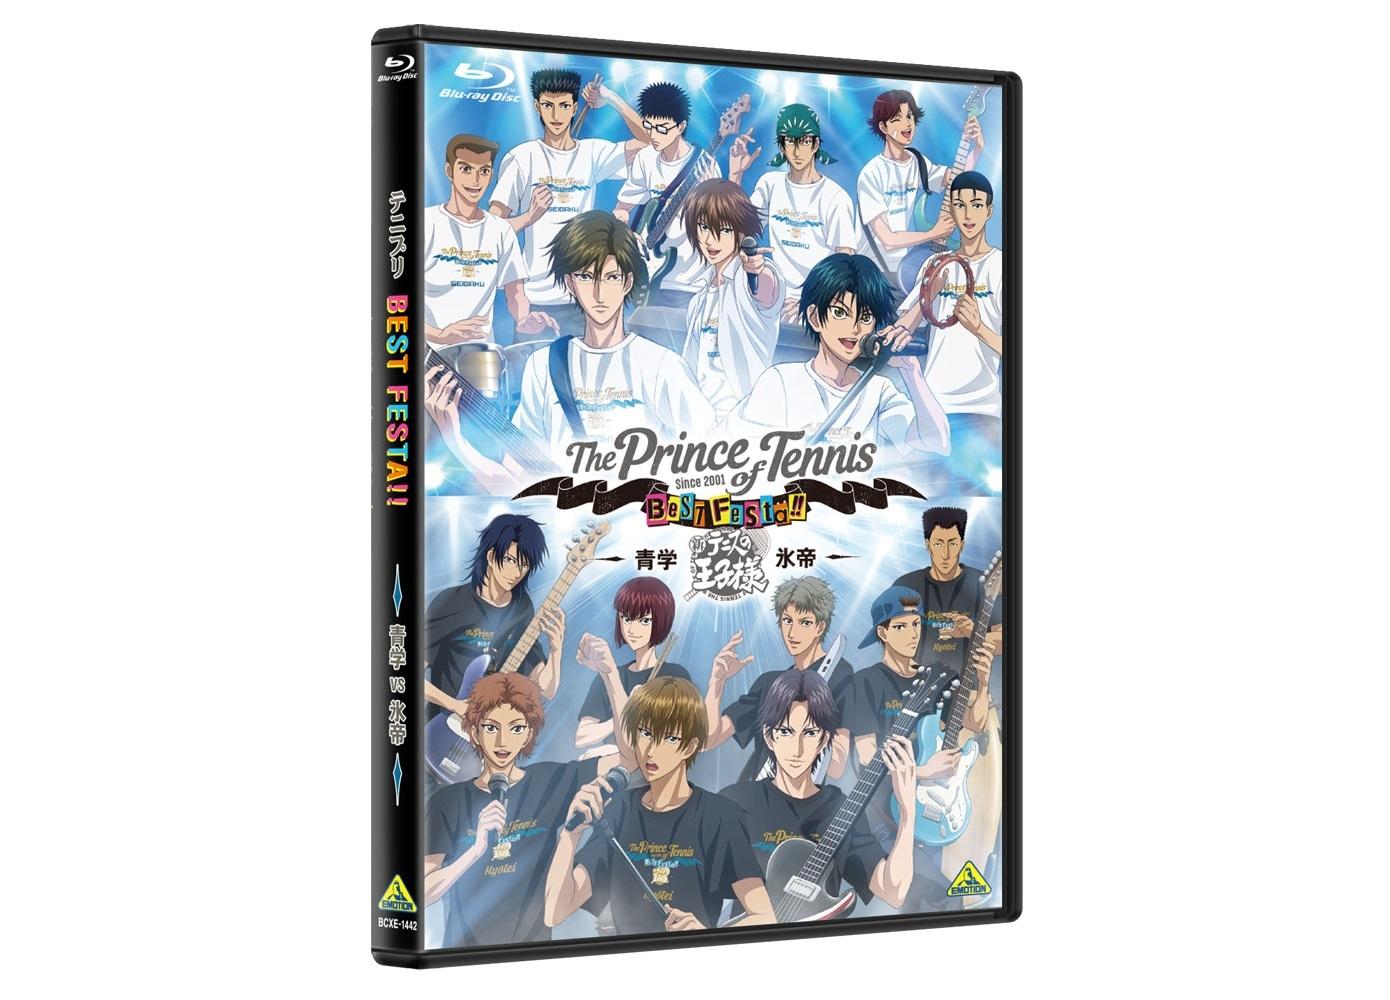 イベント「テニプリ BEST FESTA!! 青学vs氷帝」BD&DVD登場